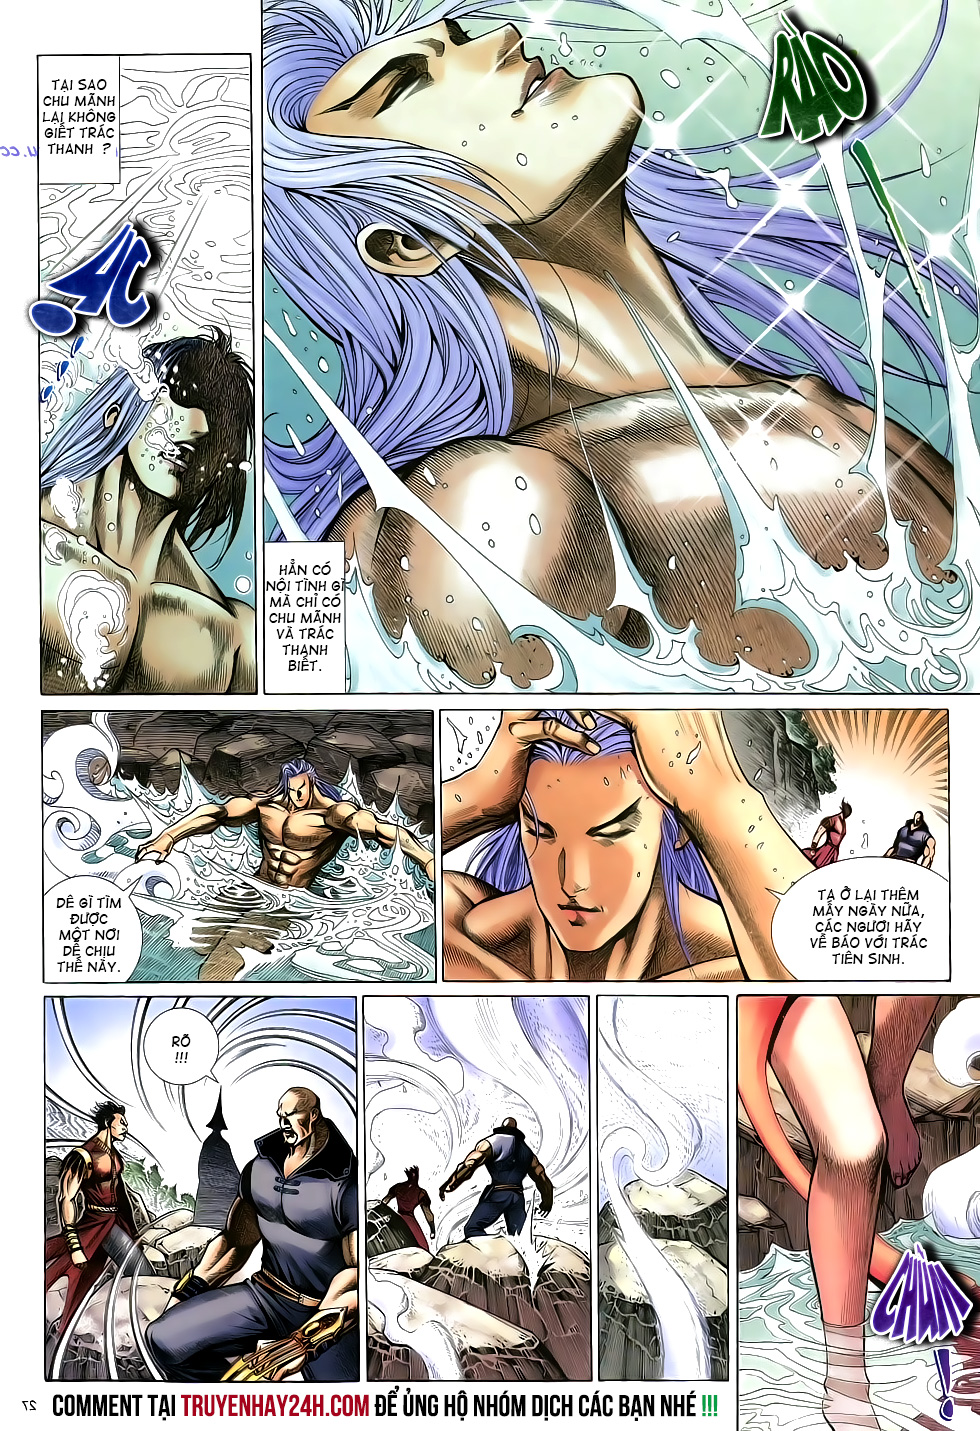 Anh hùng vô lệ Chap 16: Kiếm túy sư cuồng bất lưu đấu  trang 28